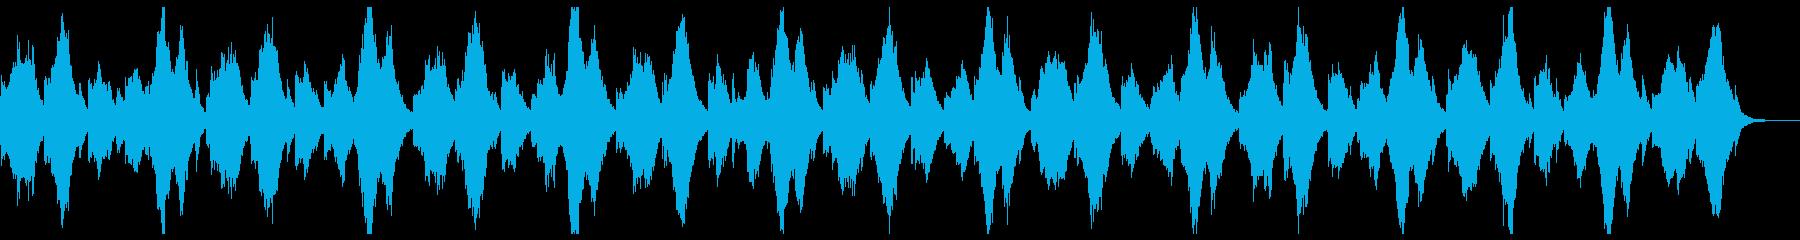 ピアノとシンセによる静かな曲の再生済みの波形